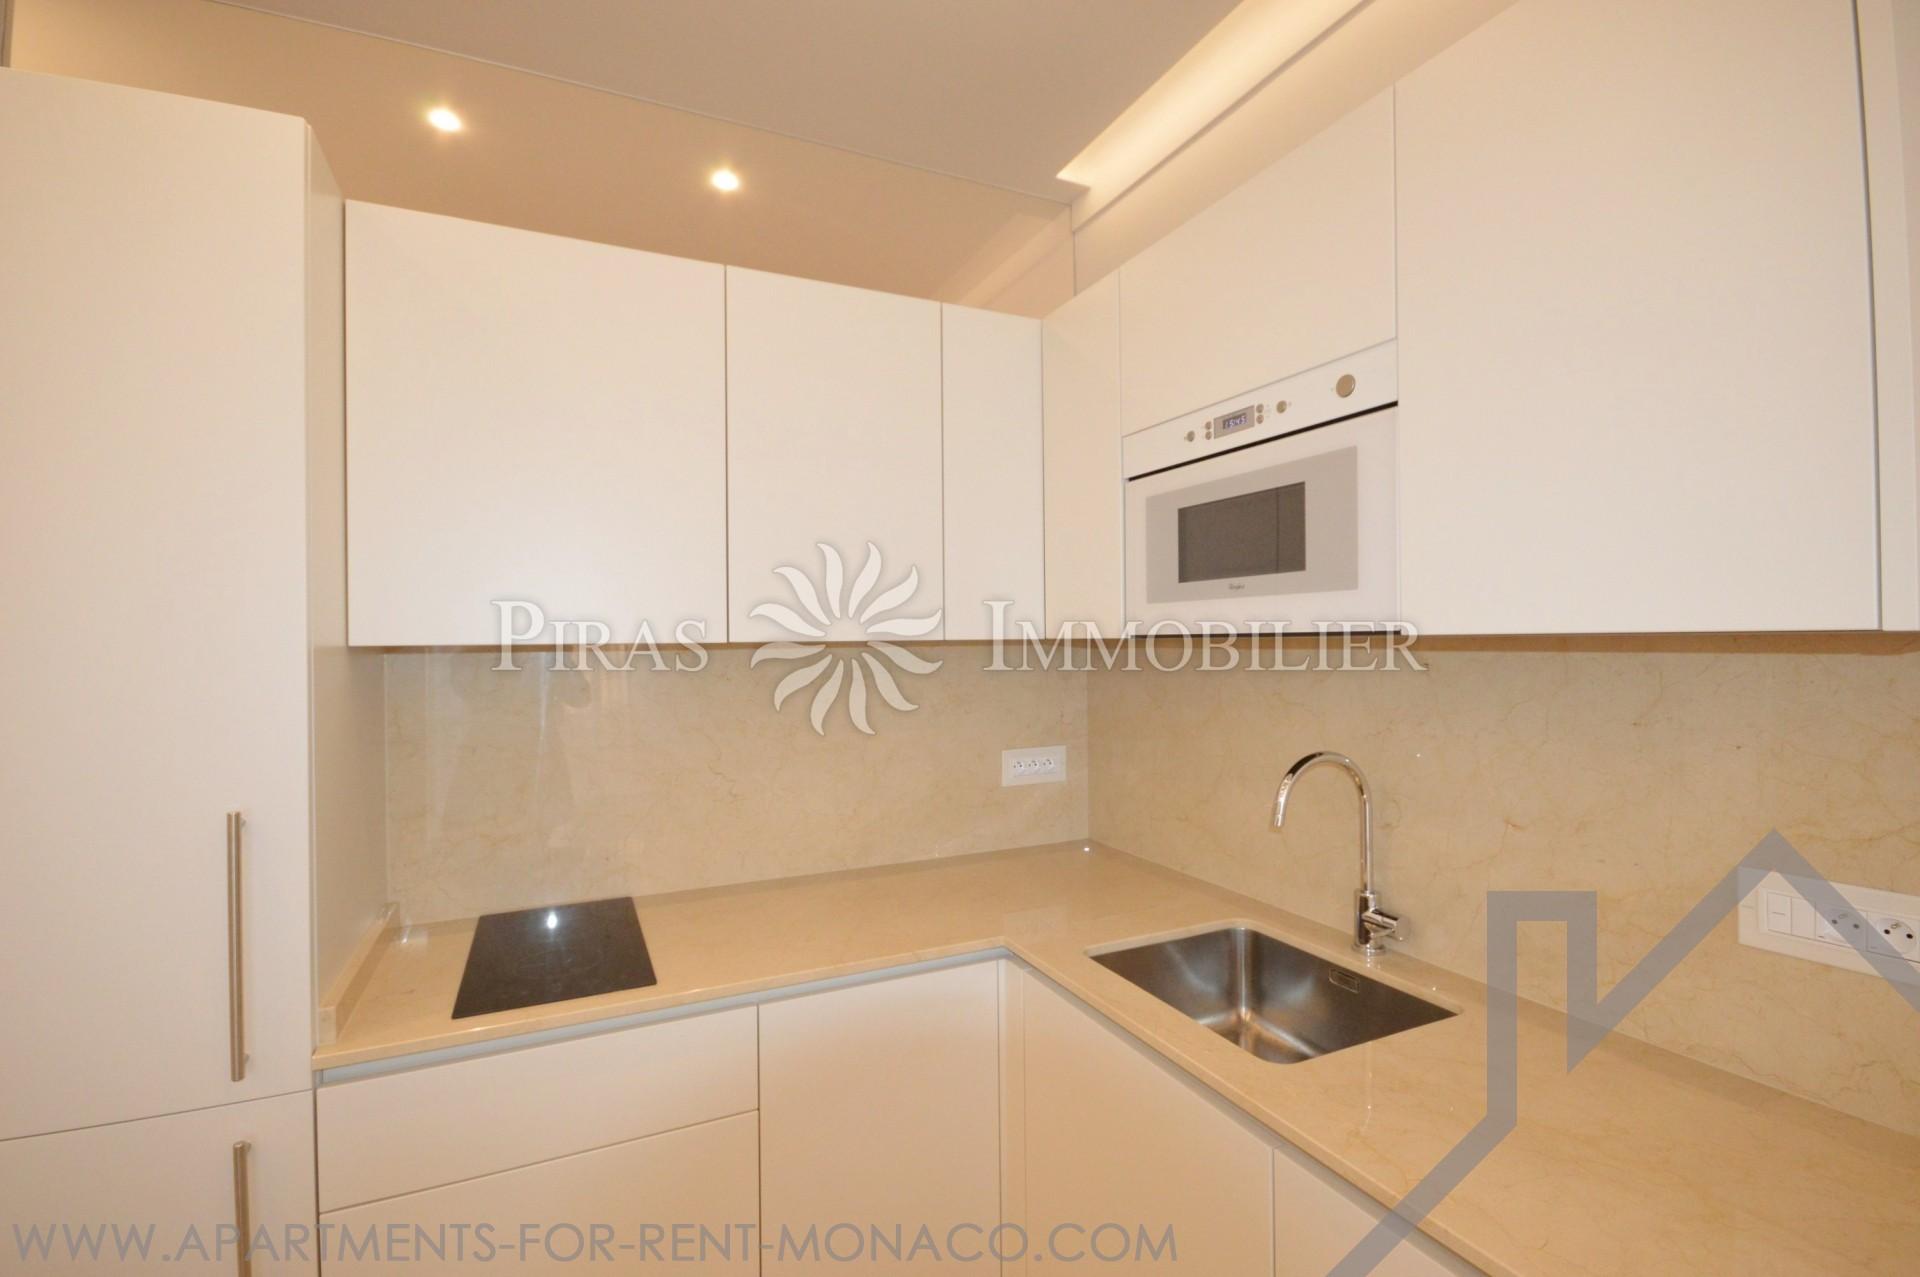 Monte carlo house bilocale appartamenti in vendita a for Soggiorno a montecarlo